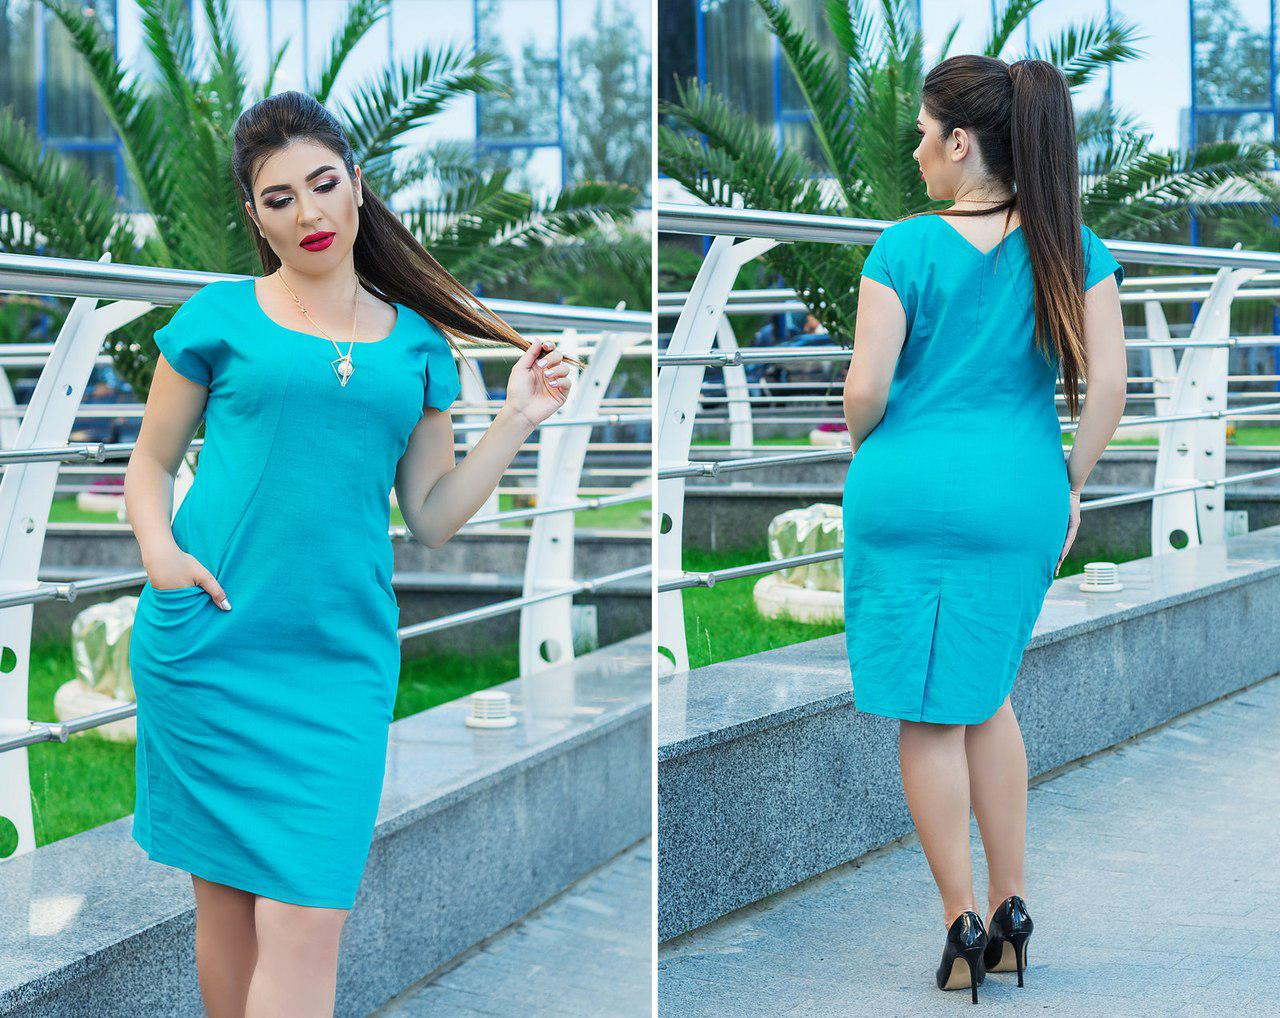 a43d337dfe0 Купить Летнее льняное платье больших размеров 50+ с украшением в ...